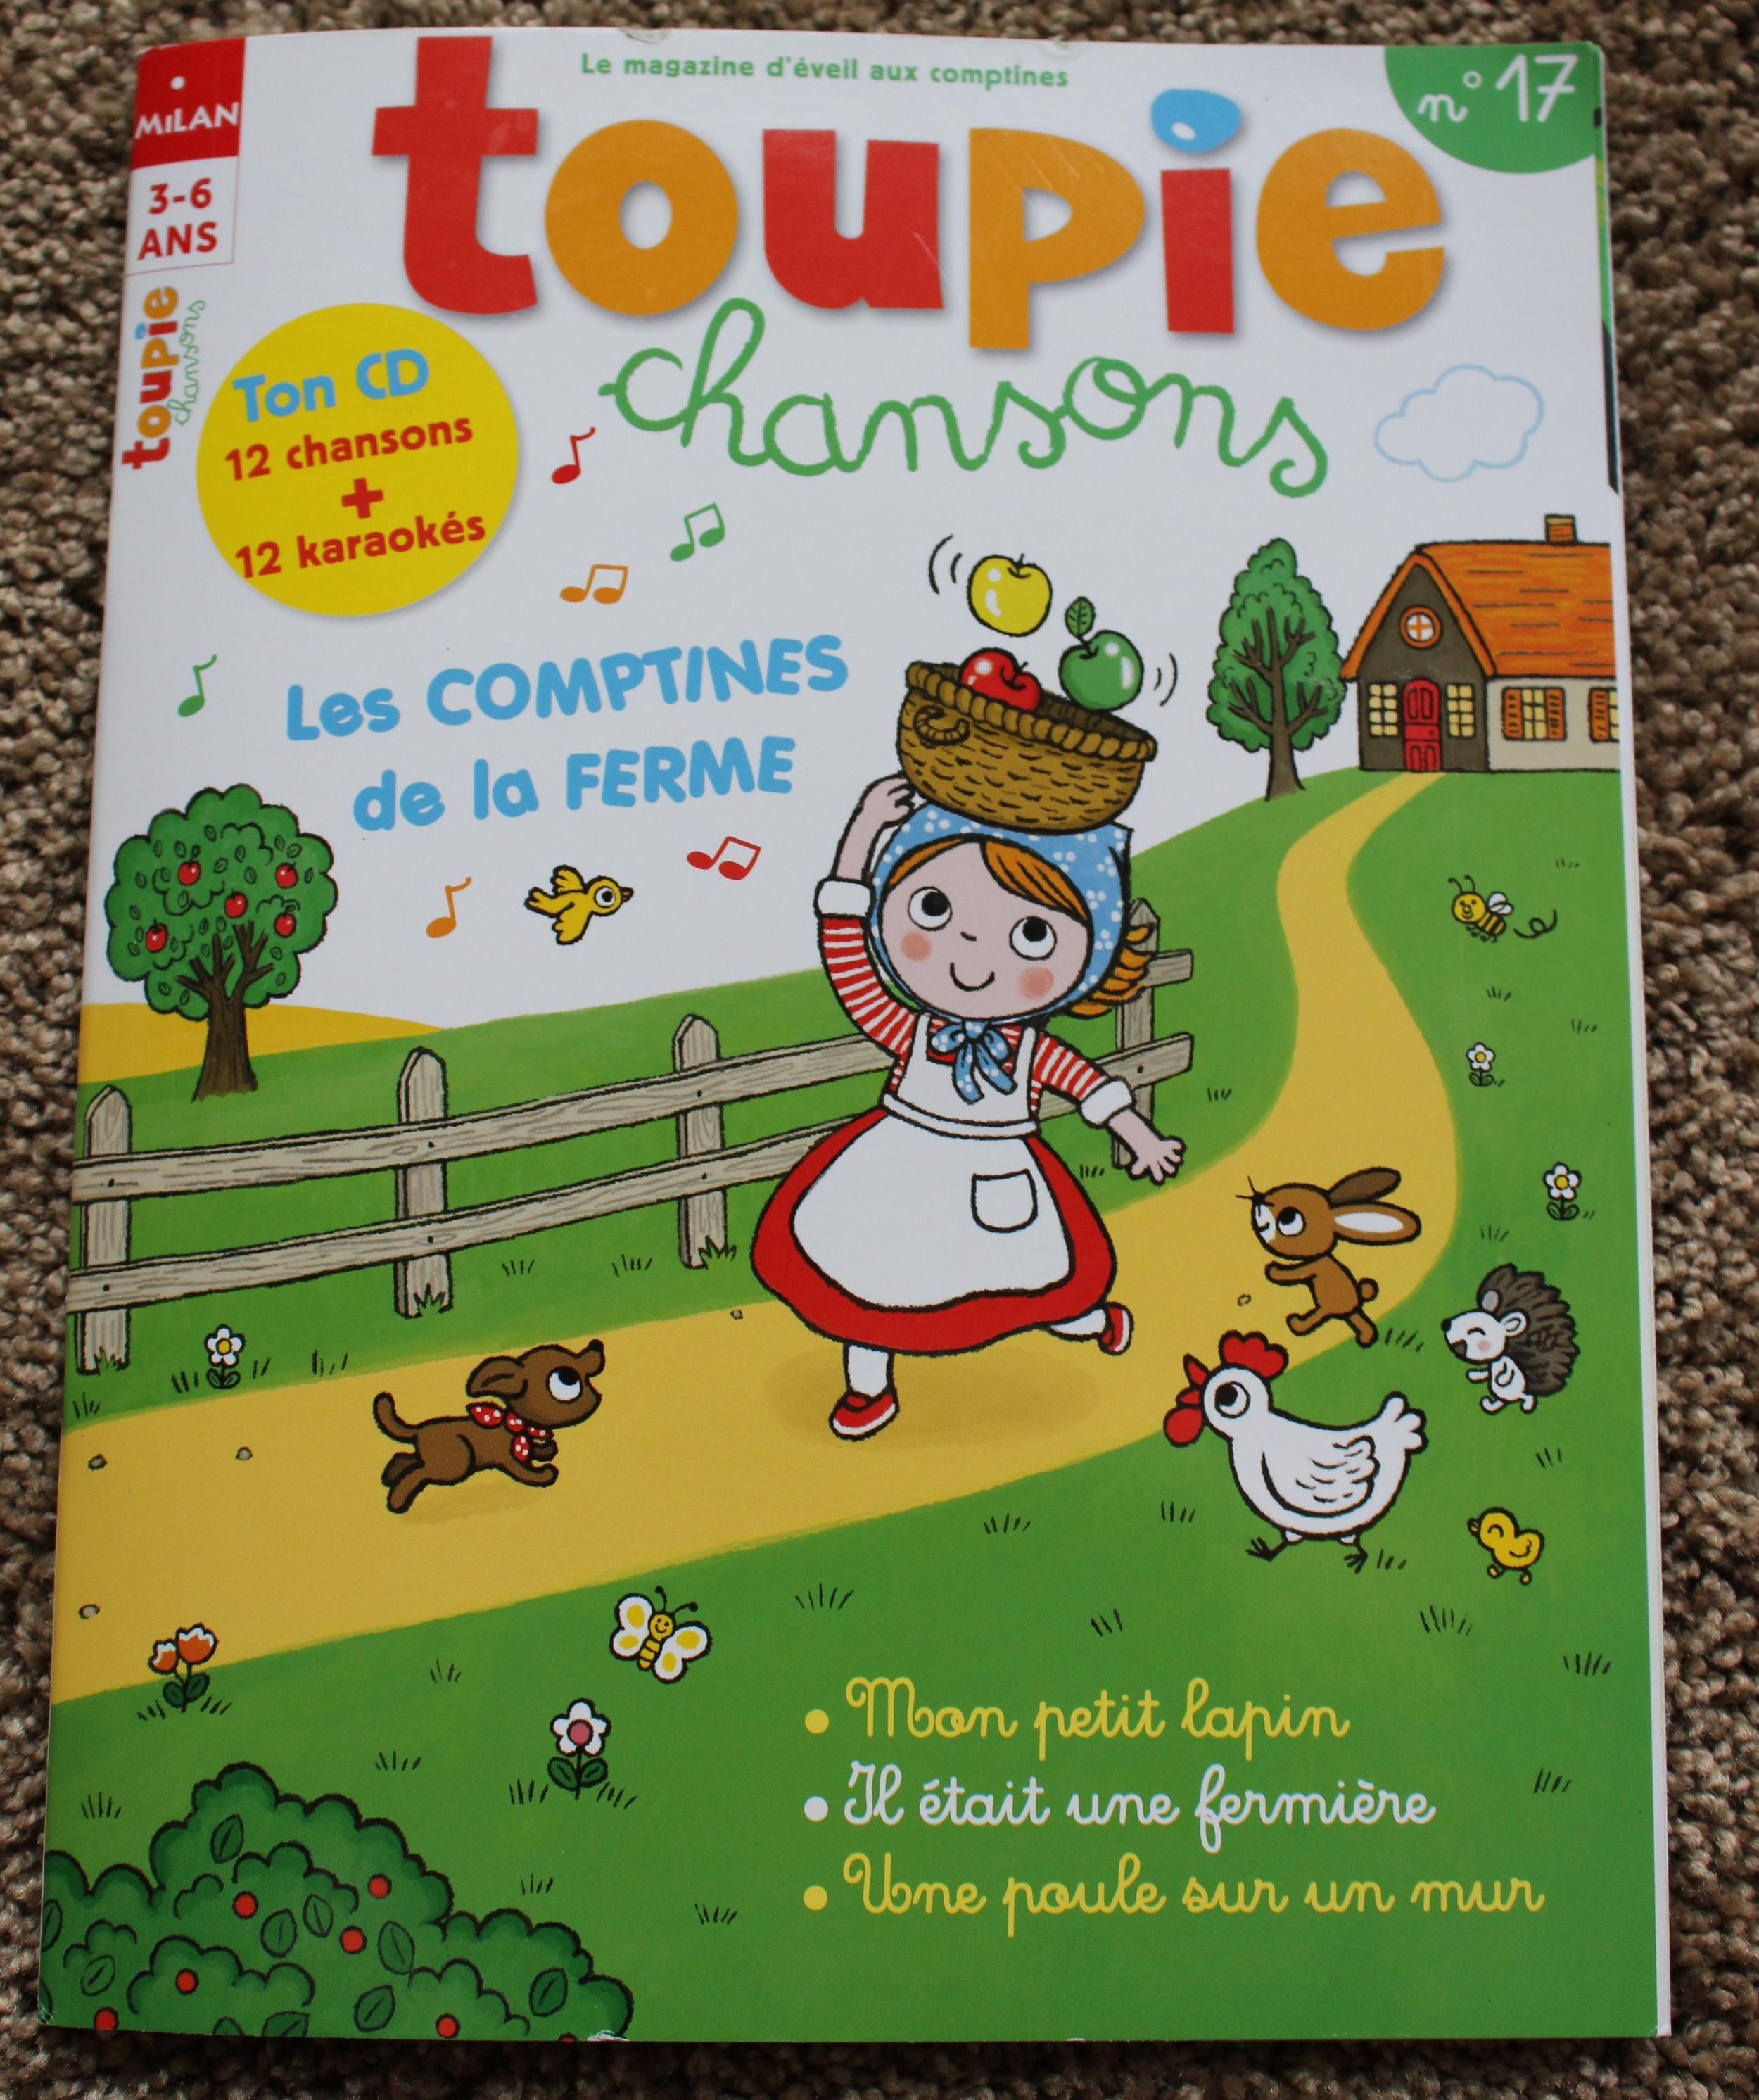 Toupie-Chansons-magazine-issue.jpg